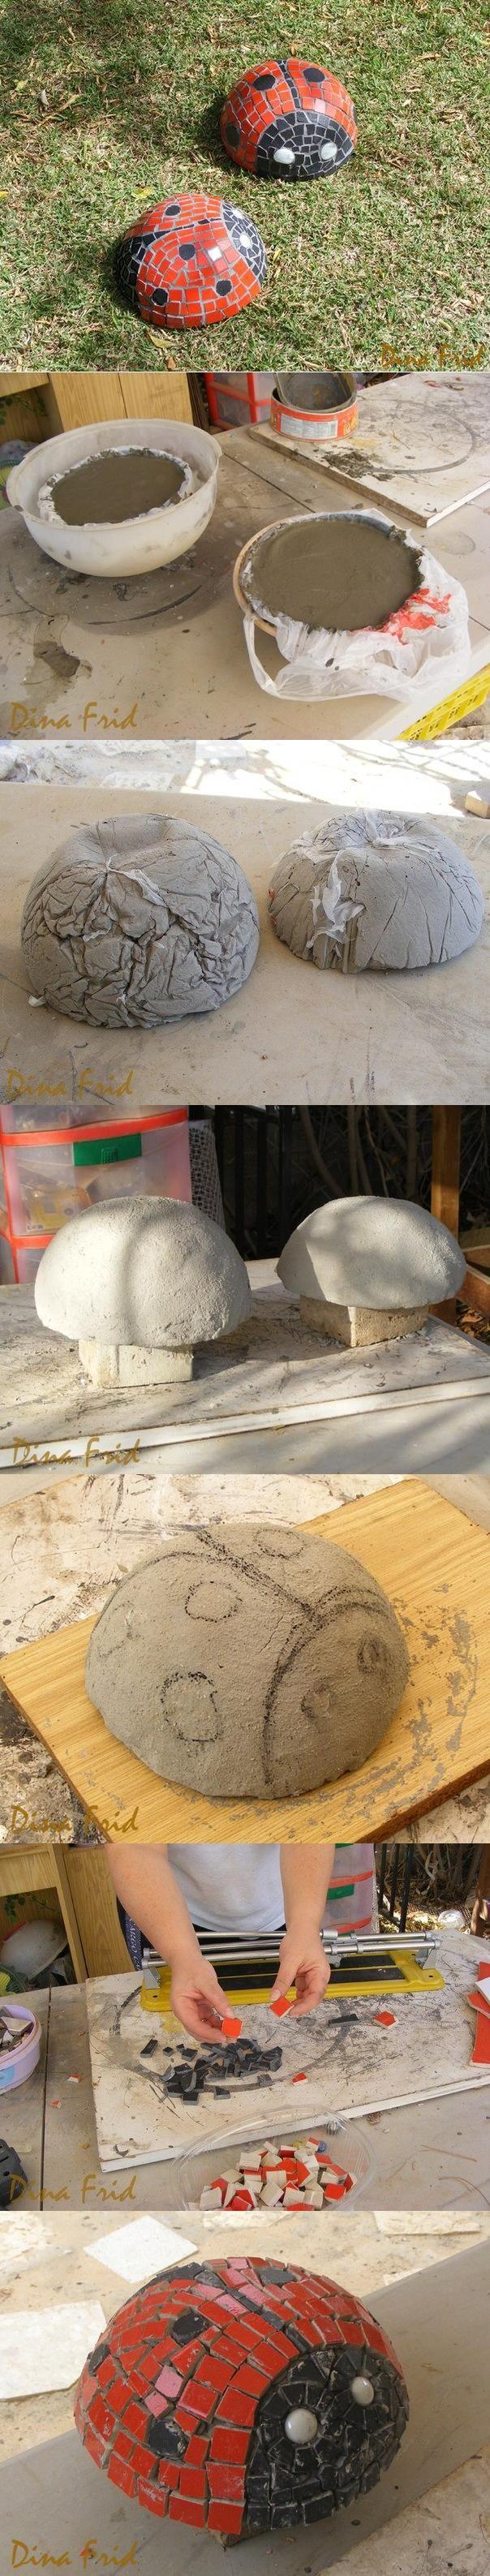 DIY Concrete Ladybug